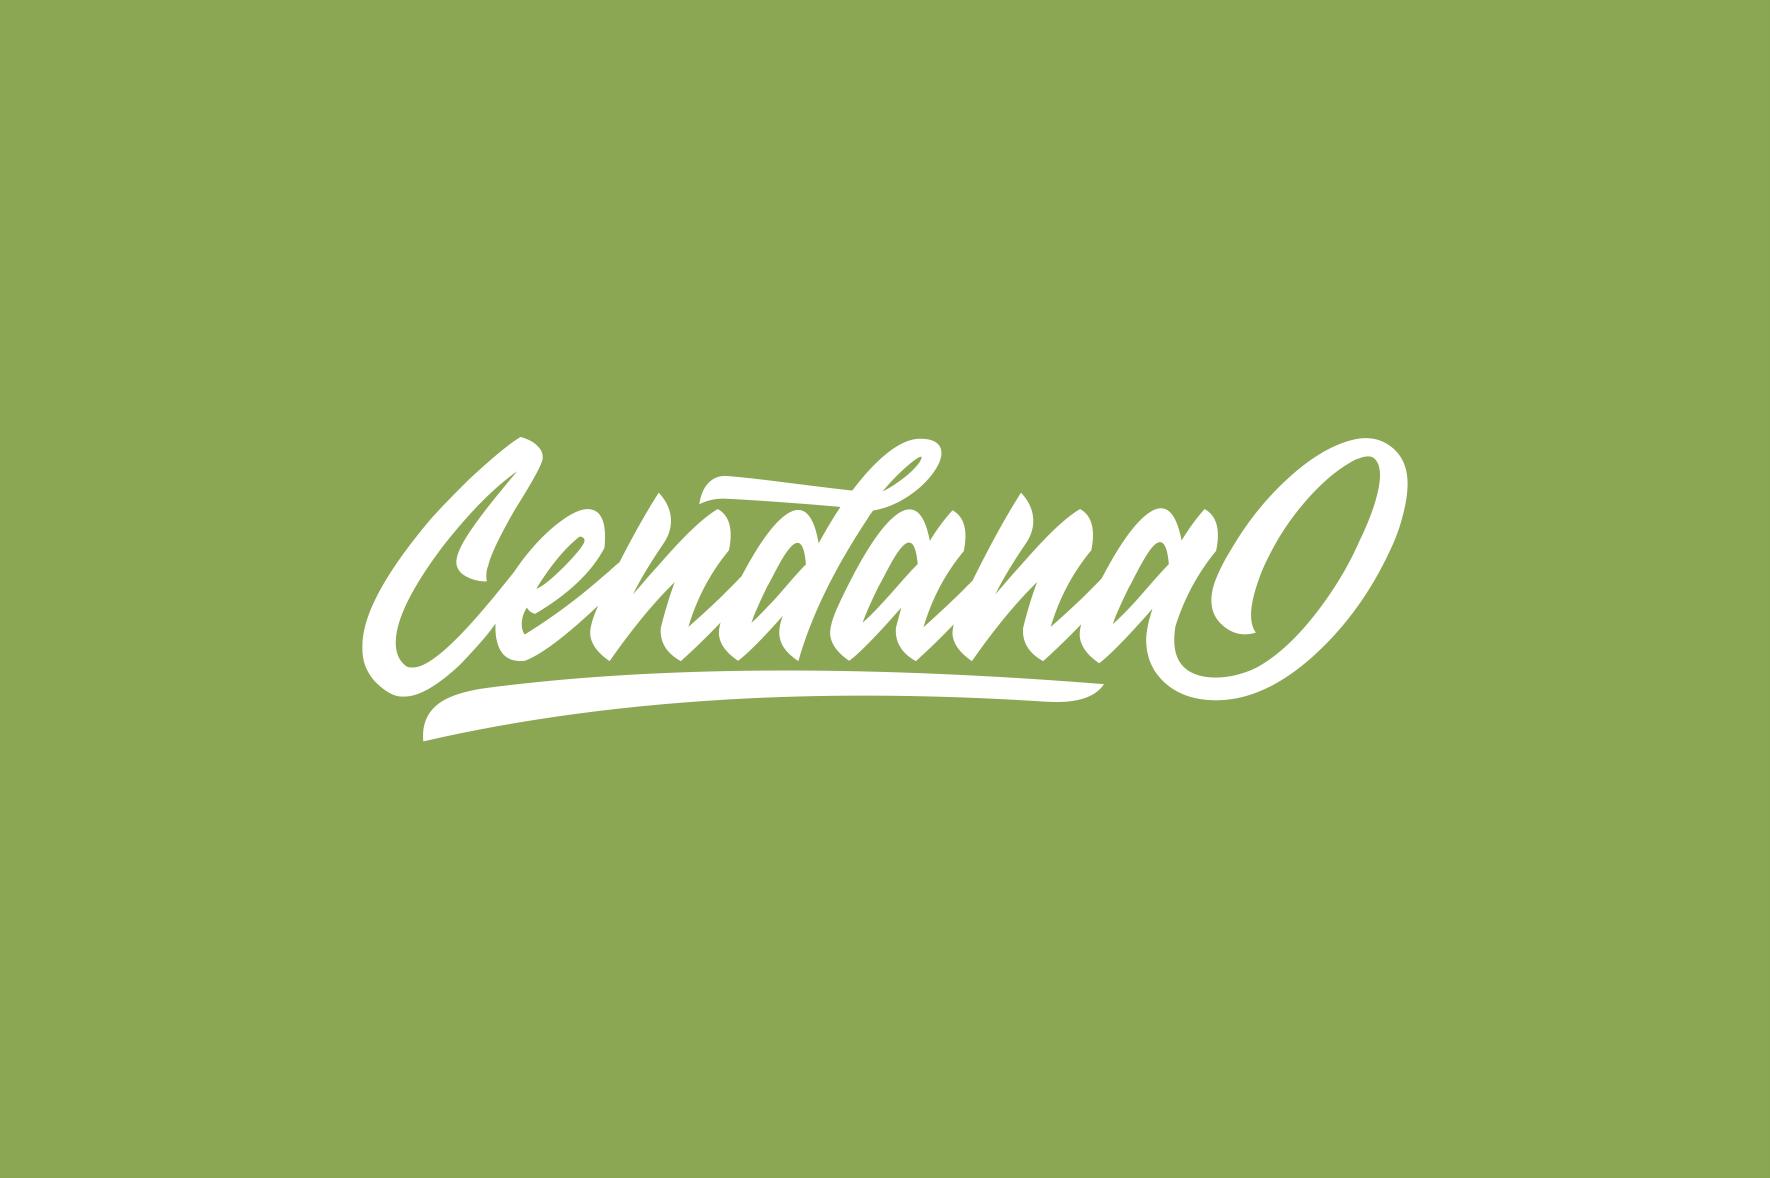 Anthem Typeface example image 7